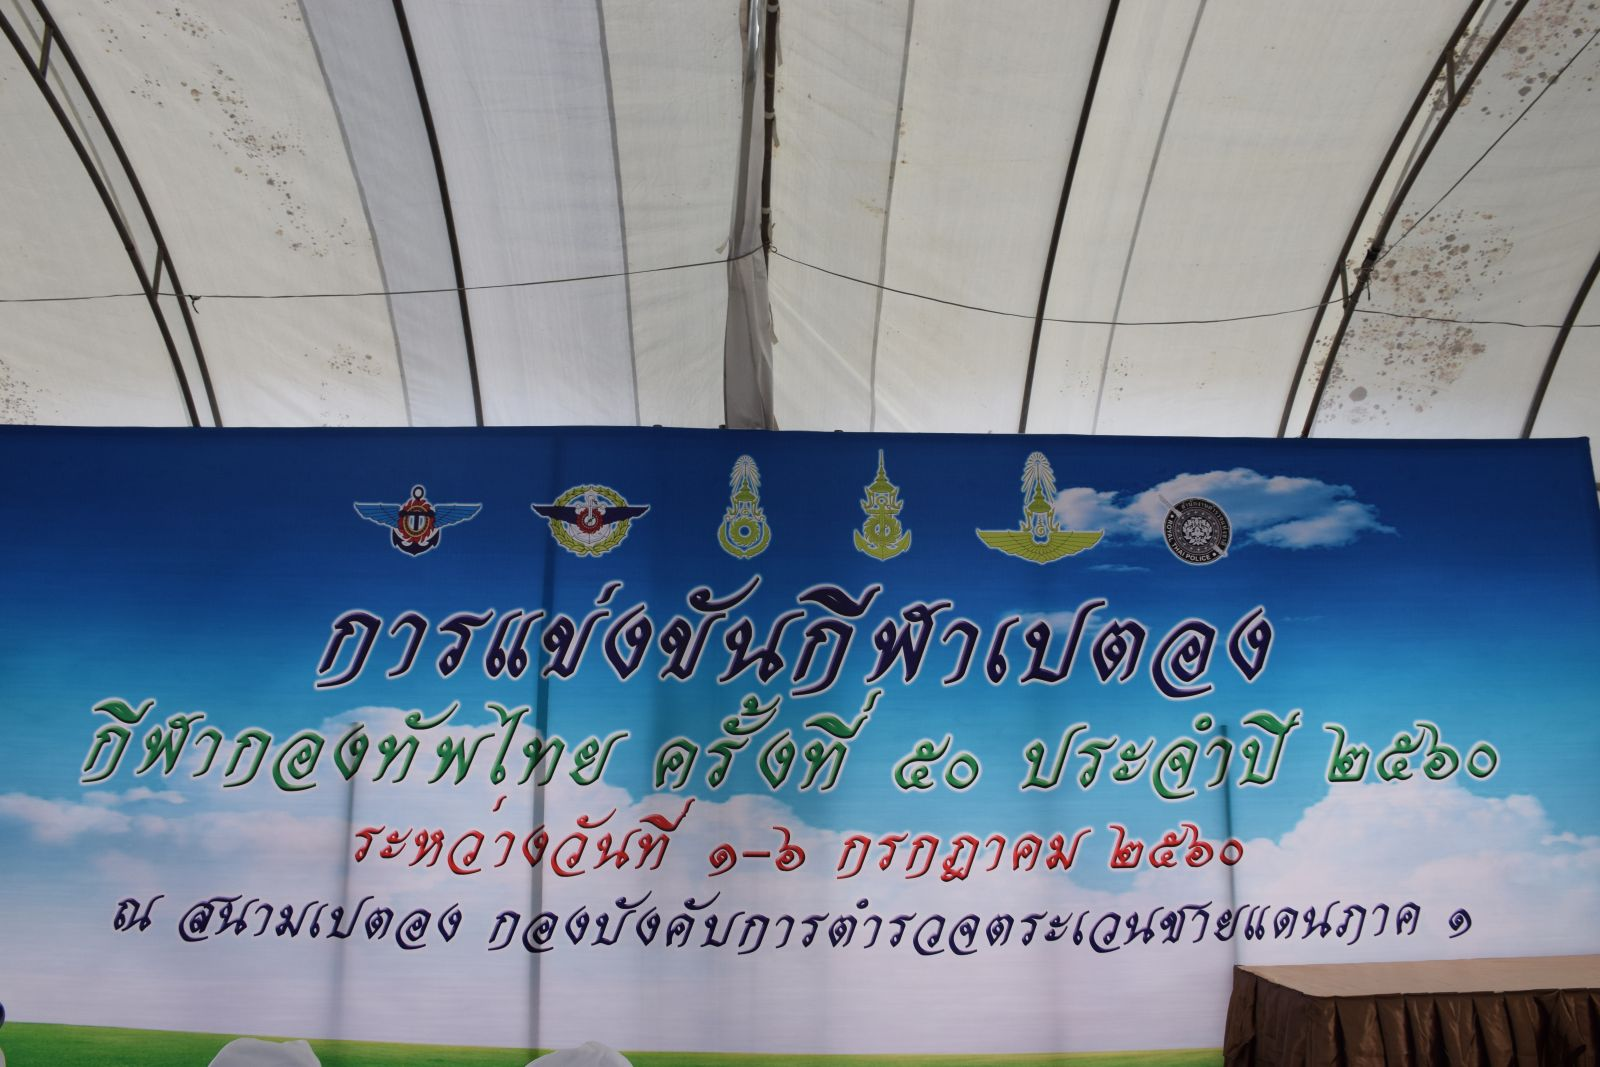 การแข่งขันกีฬาเปตอง กีฬากองทัพไทย ครั้งที่ ๕๐ ประจำปี ๒๕๖๐